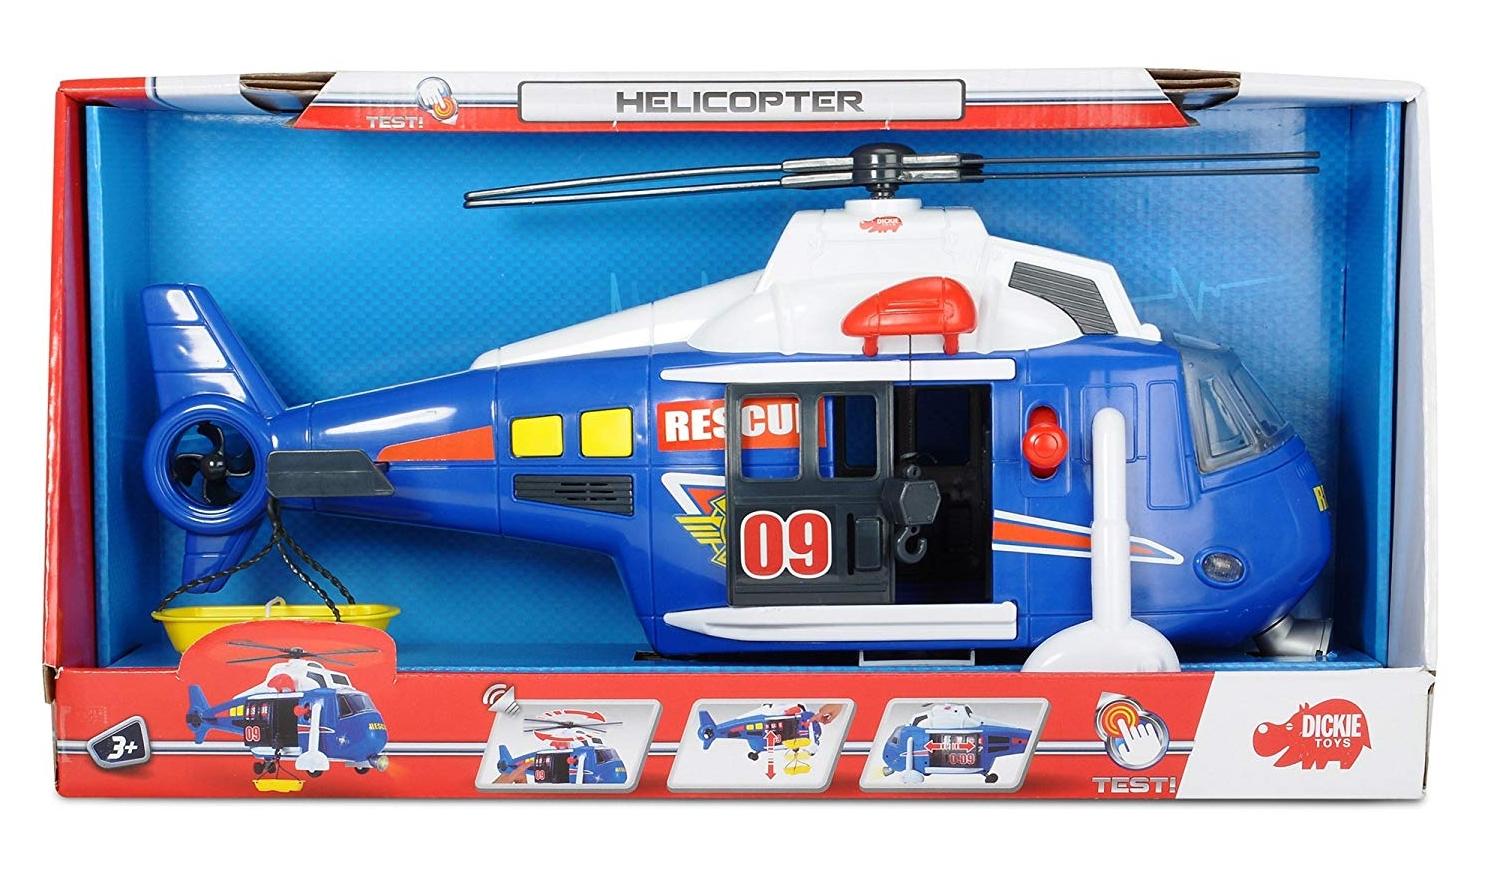 Helicóptero-de-rescate-Dickie-Toys-con-luces-y-sonidos.jpg